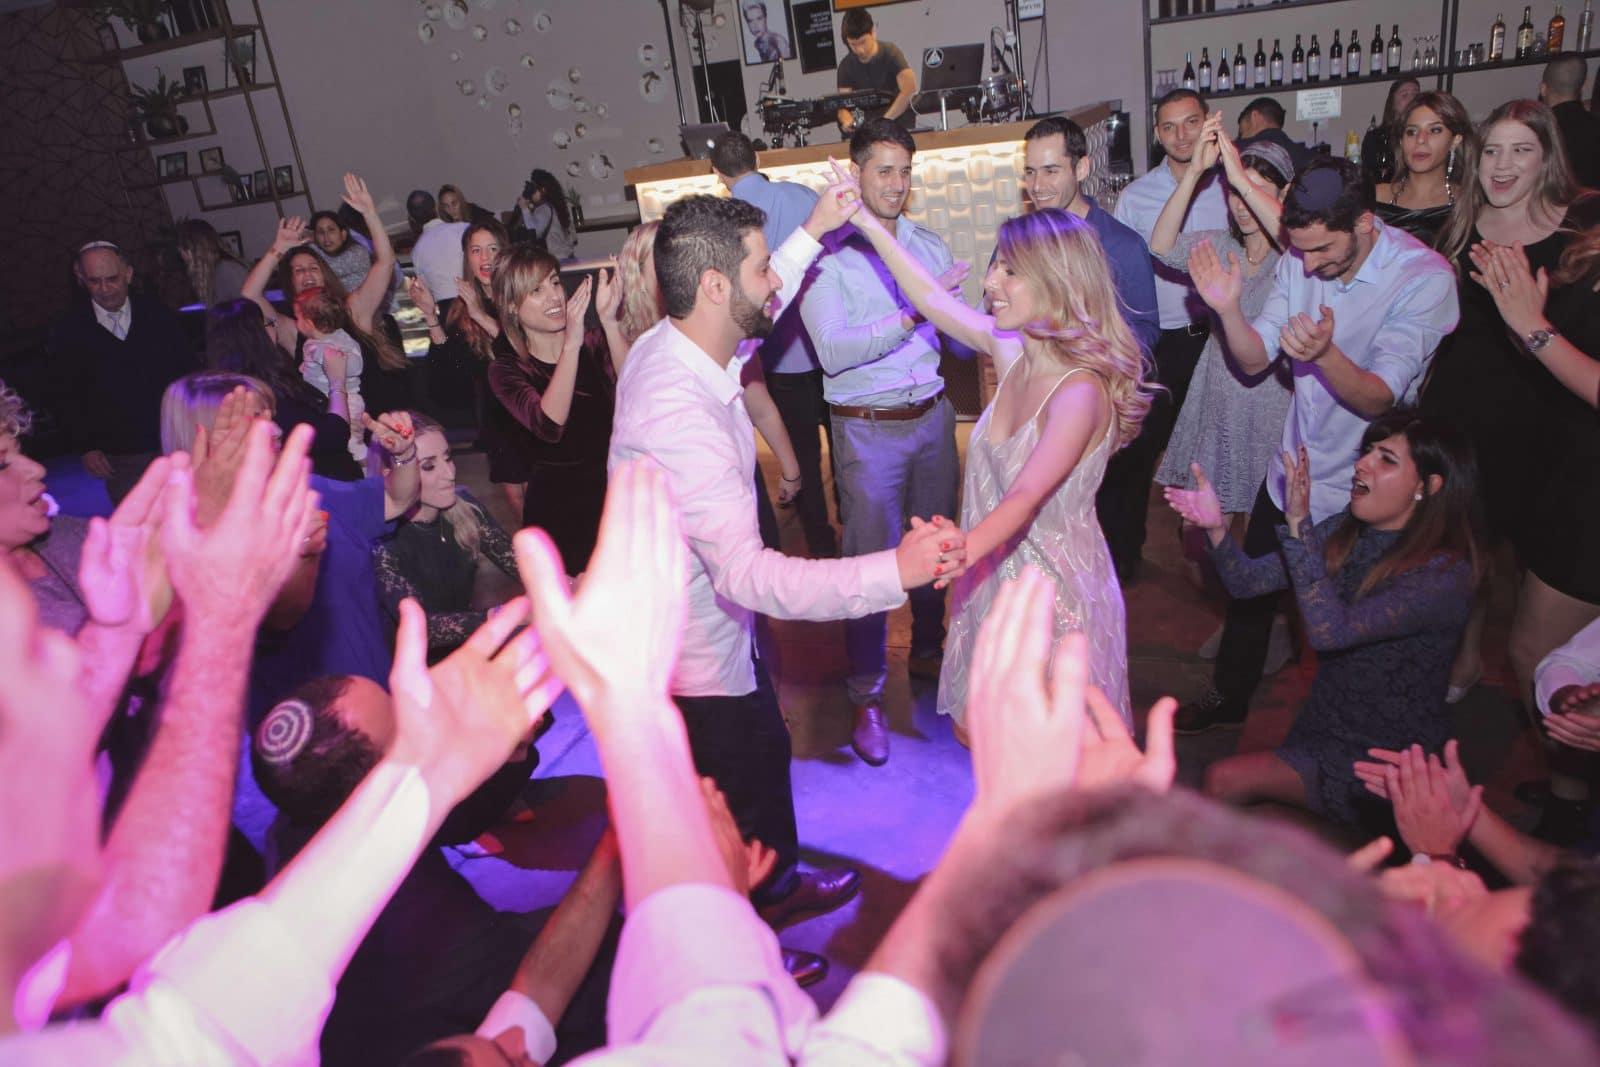 רחבת ריקודים גרייס- אולם בראשון